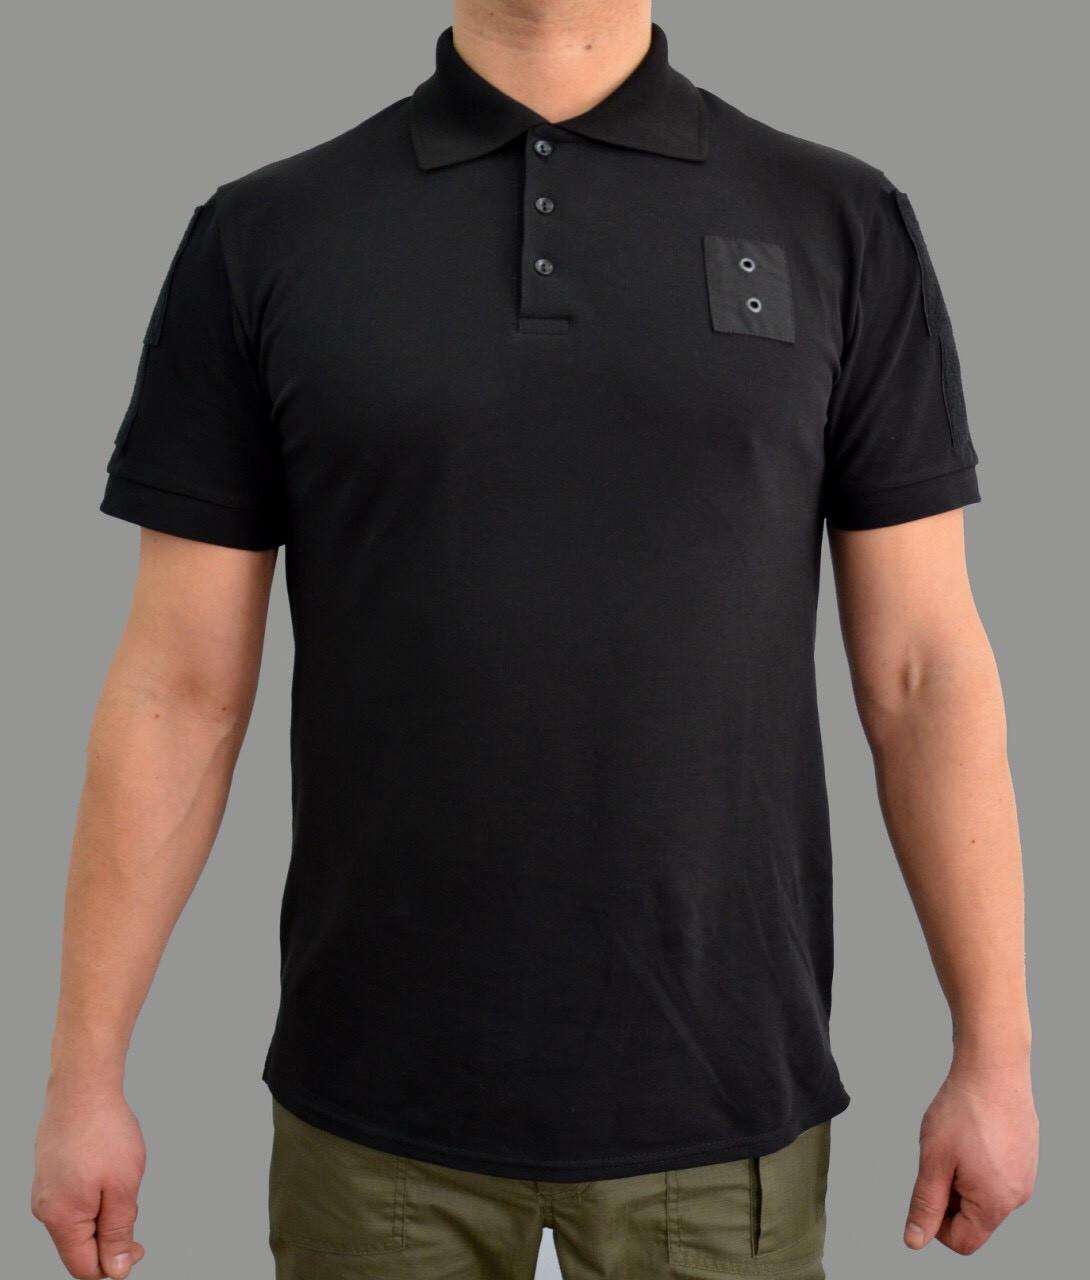 Форменная футболка поло черная для полиции